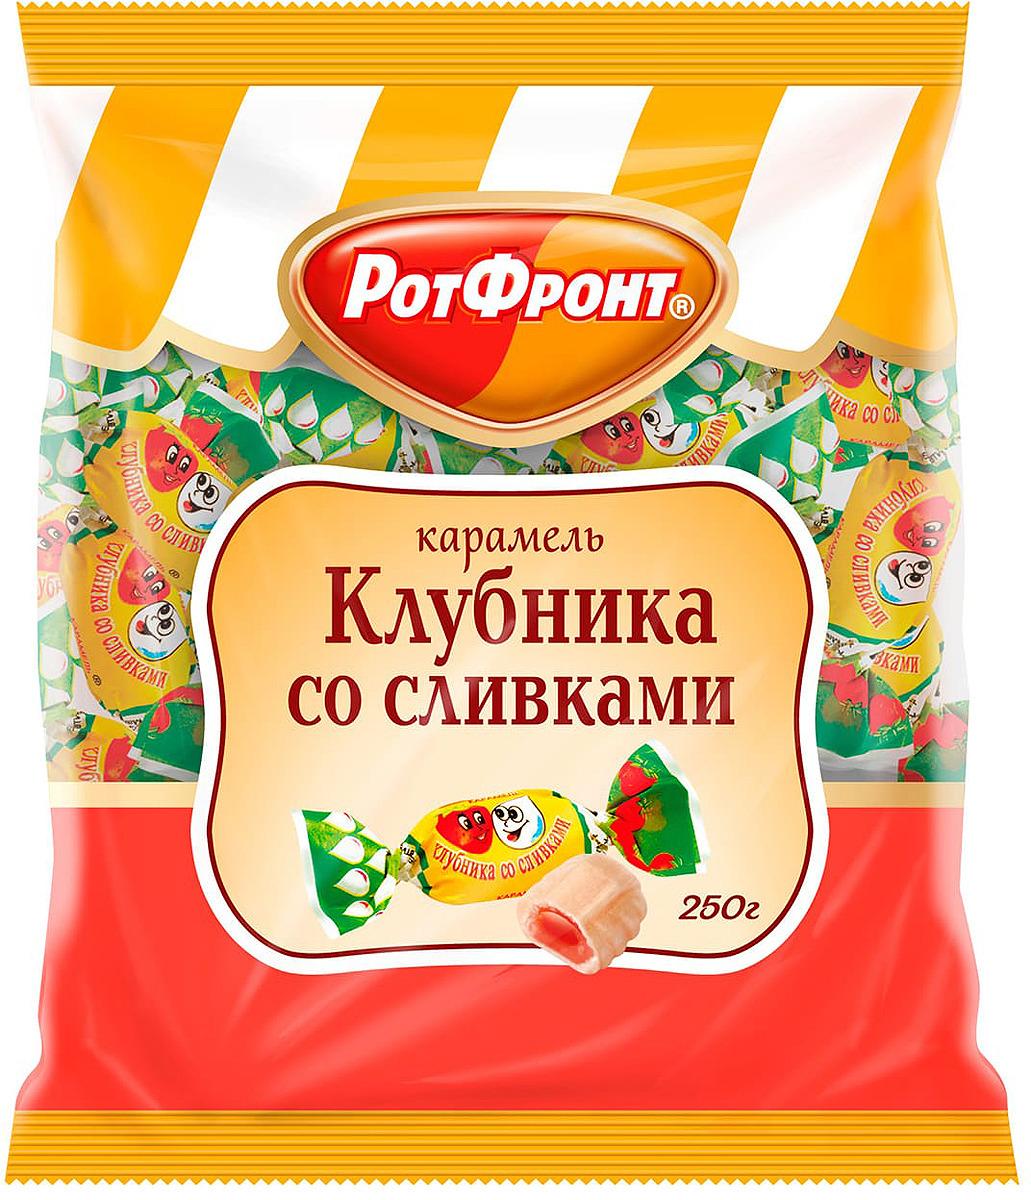 Конфеты Бабаевский Карамель Клубника со сливками, 250 г rondo клубника и мята освежающие конфеты 14 пачек по 30 г